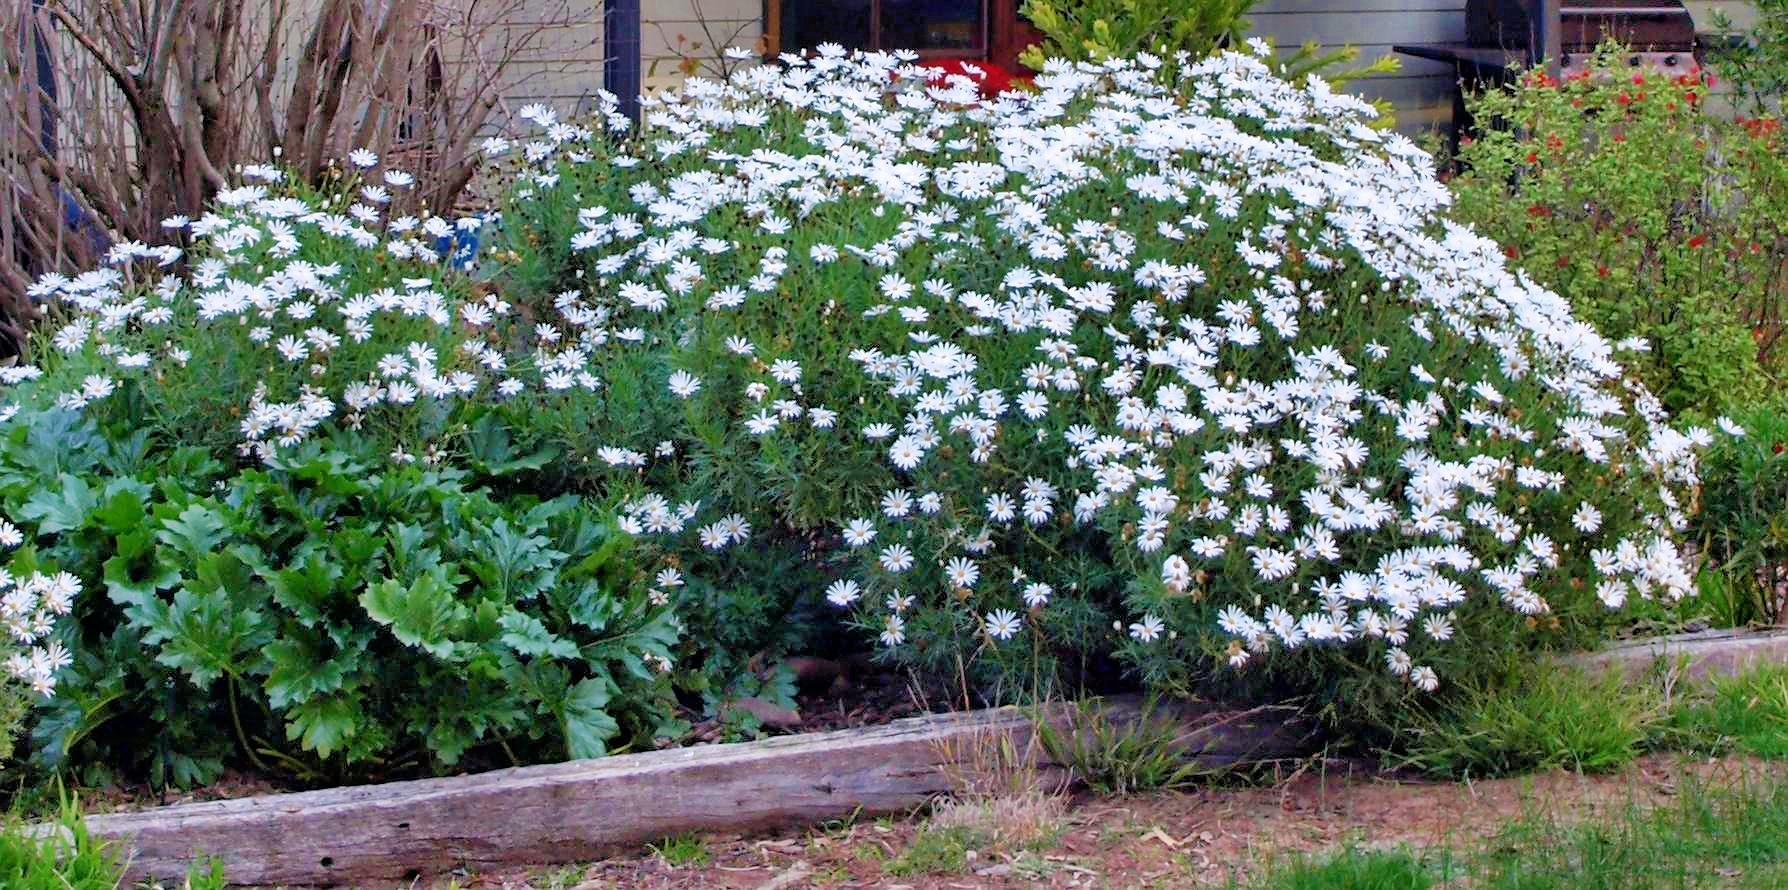 daisy-bush.jpeg